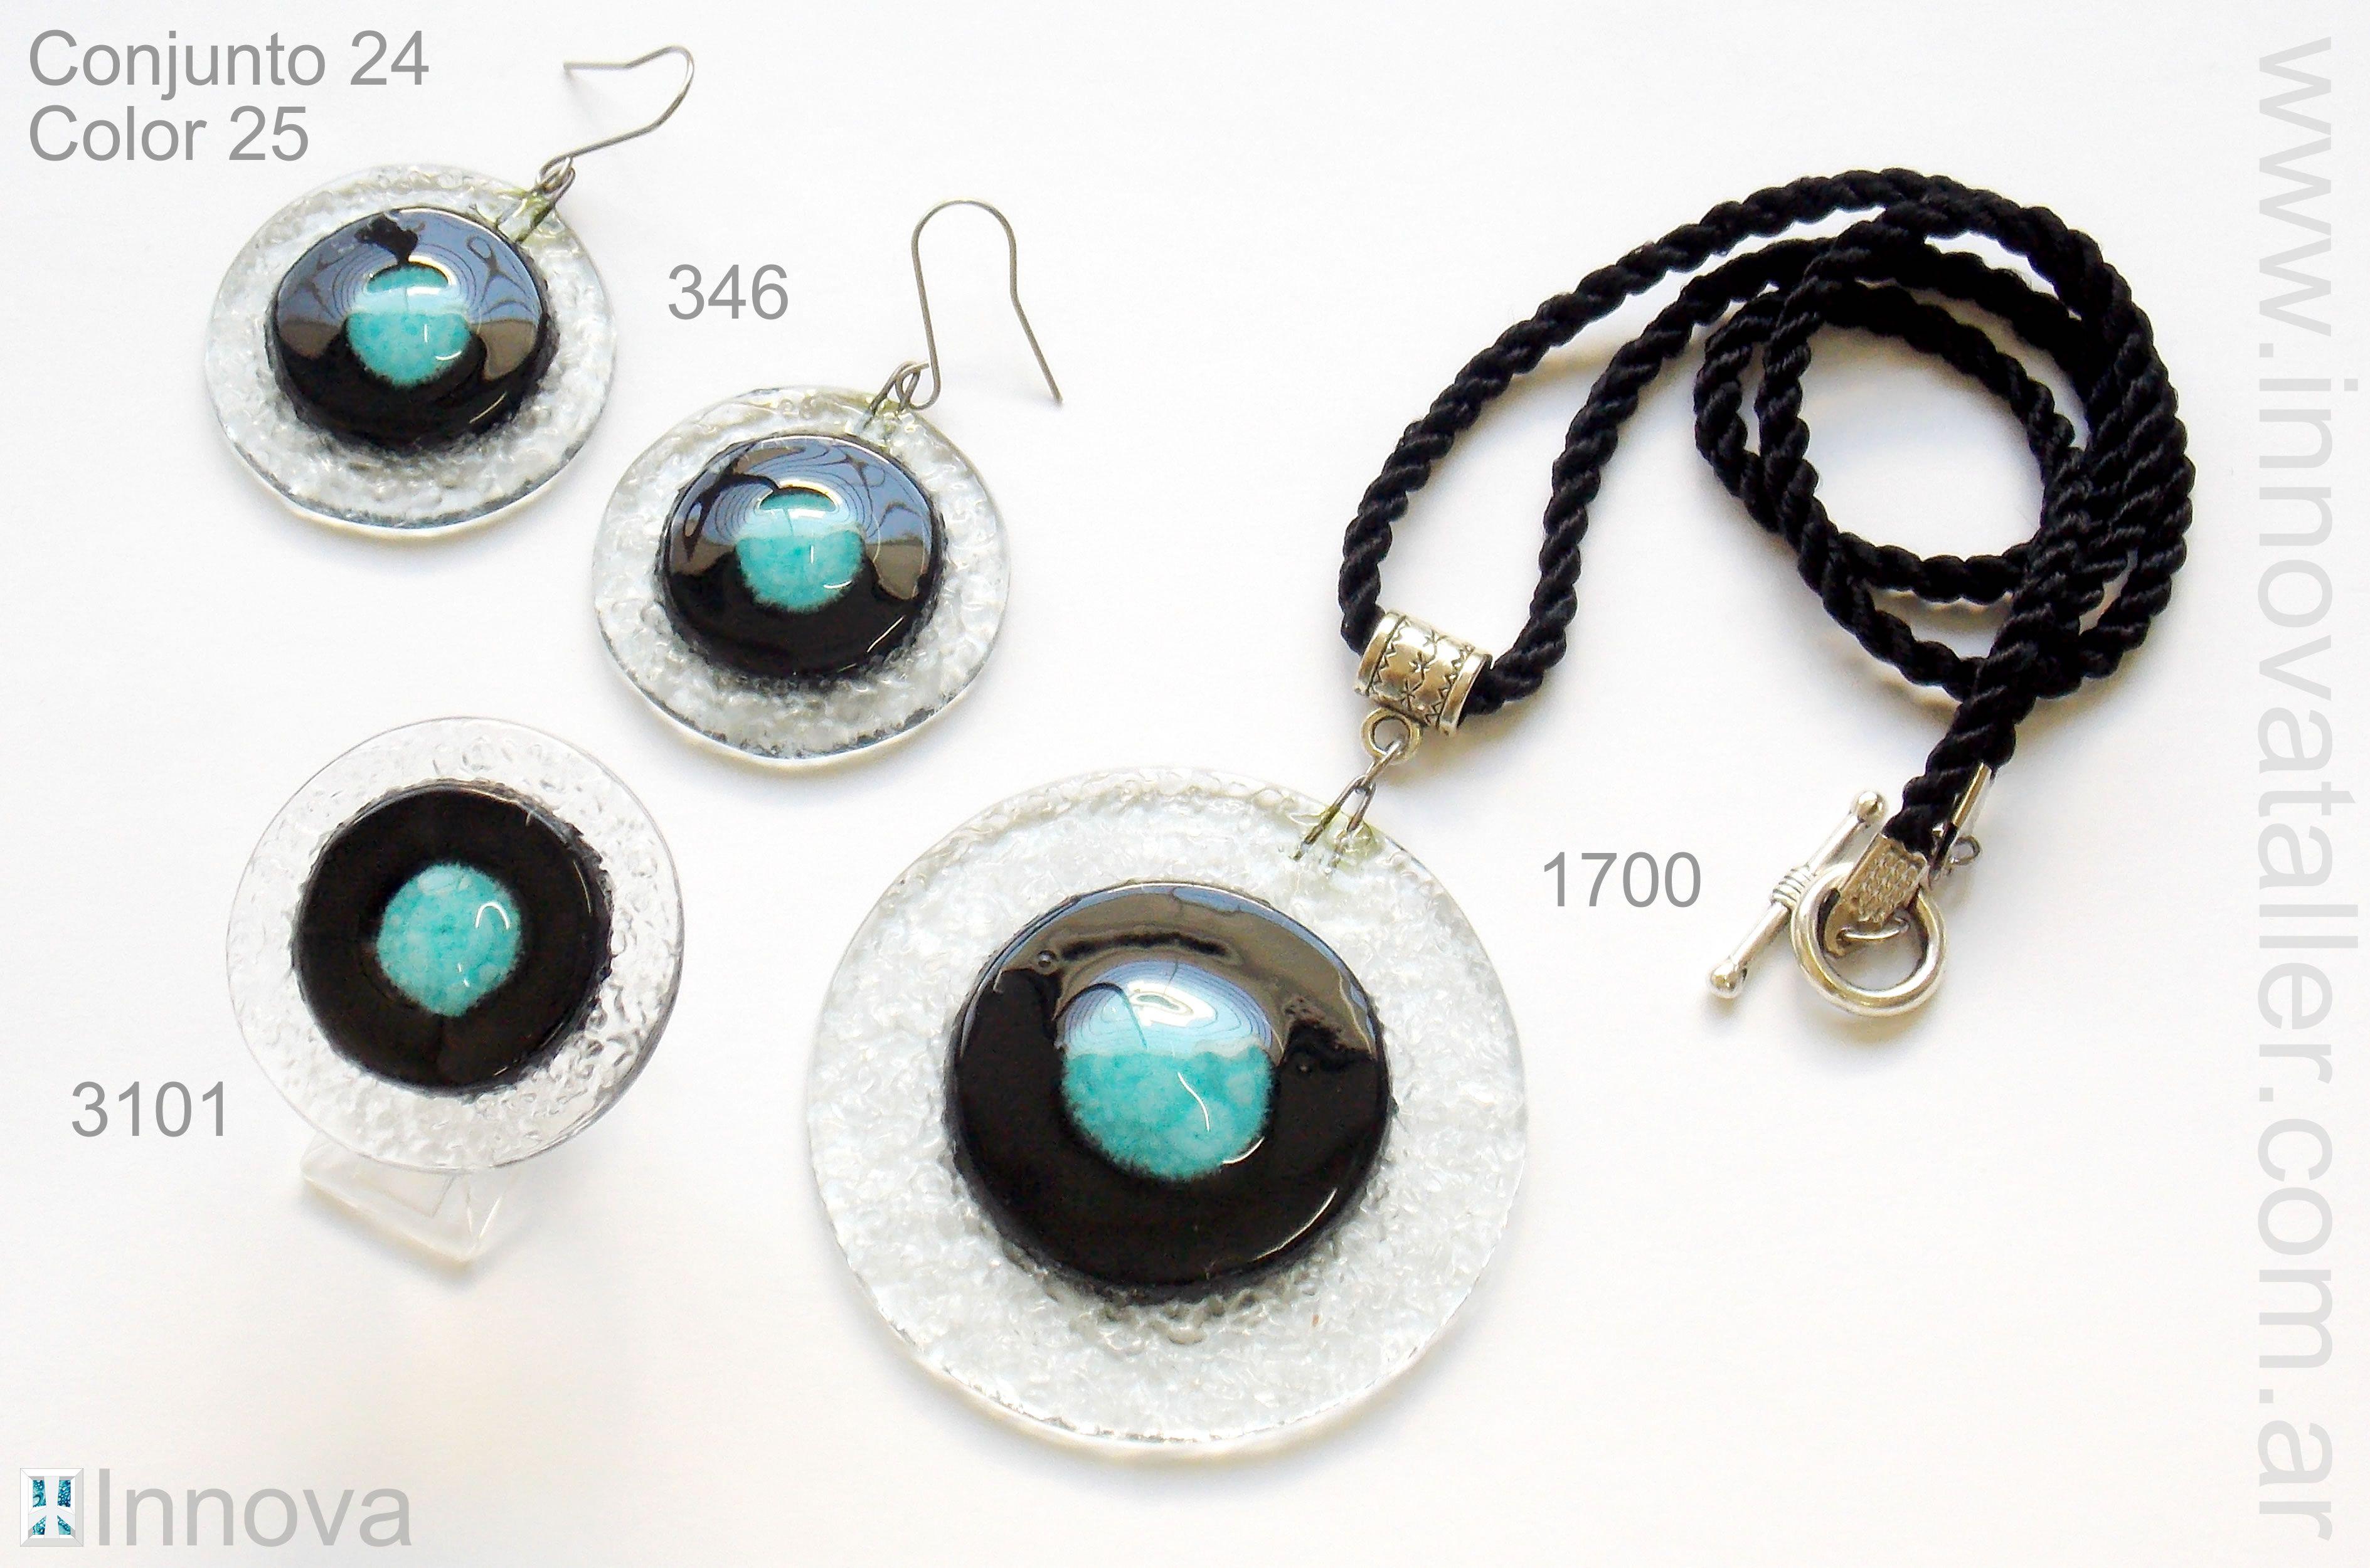 0fbf29cb0e69 Innova es una empresa argentina dedicada al diseño y produccion artesanal  de joyas